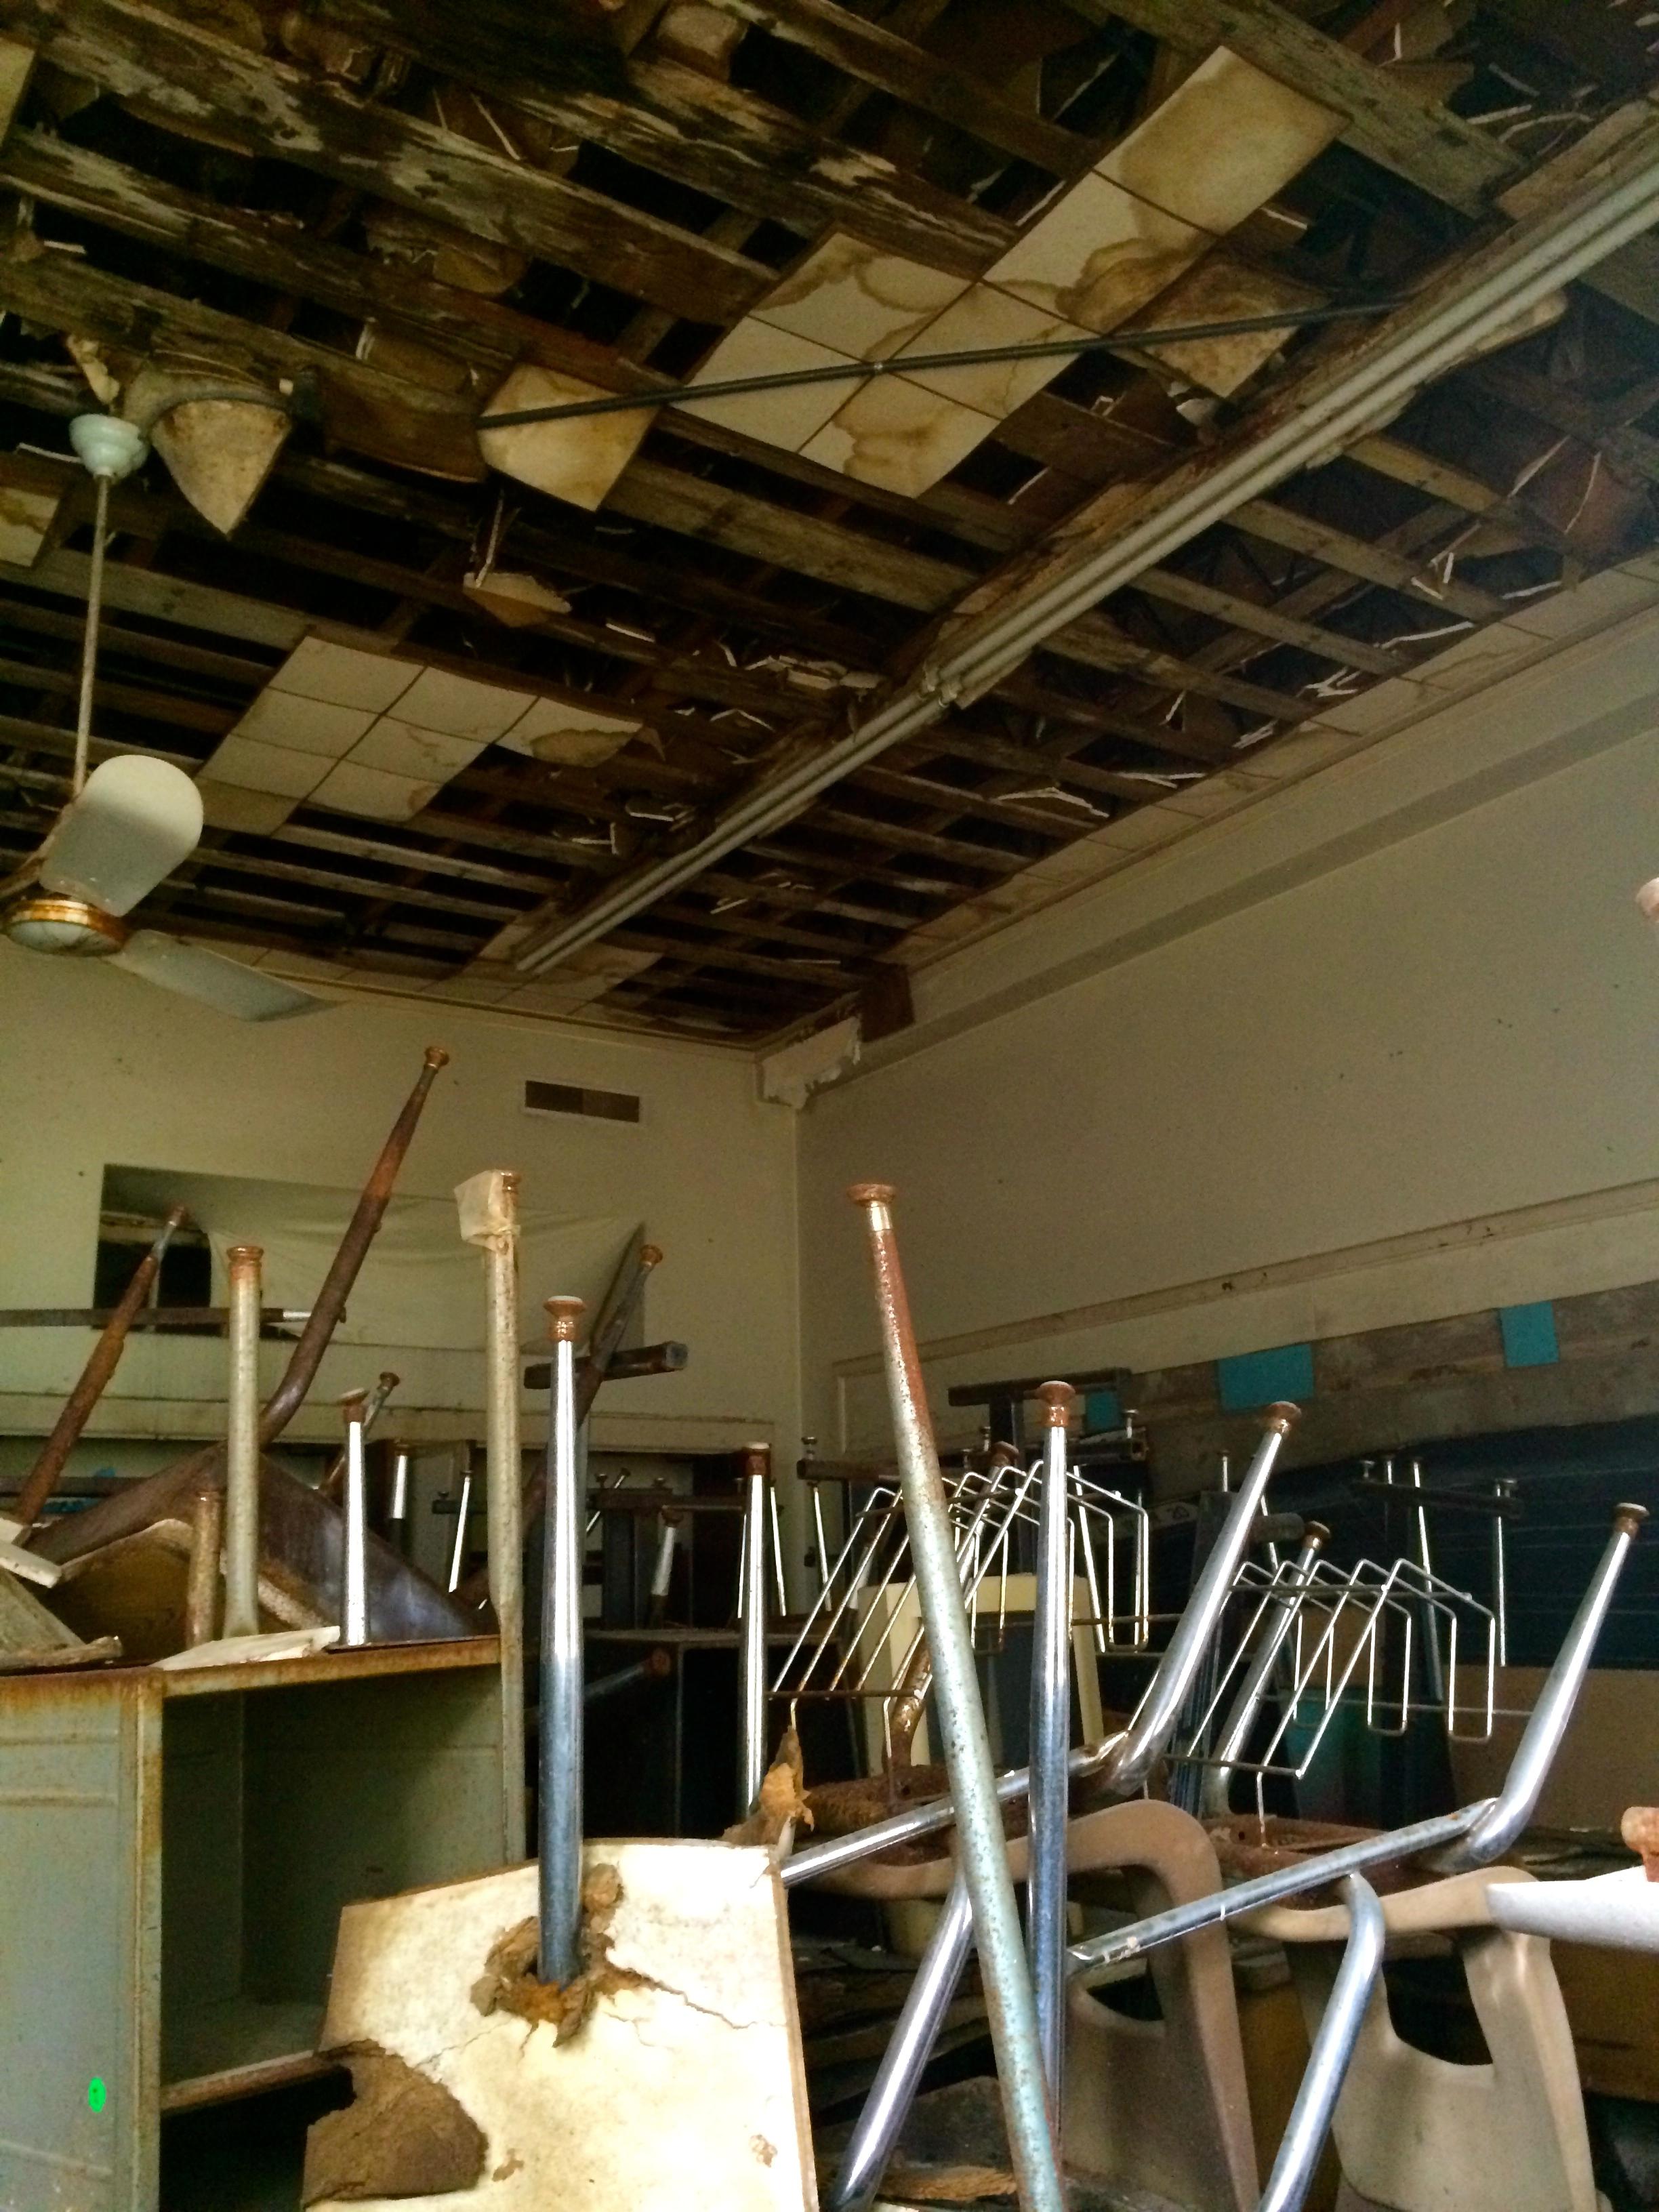 Premont, TX Abandon Secondary School Desks Color